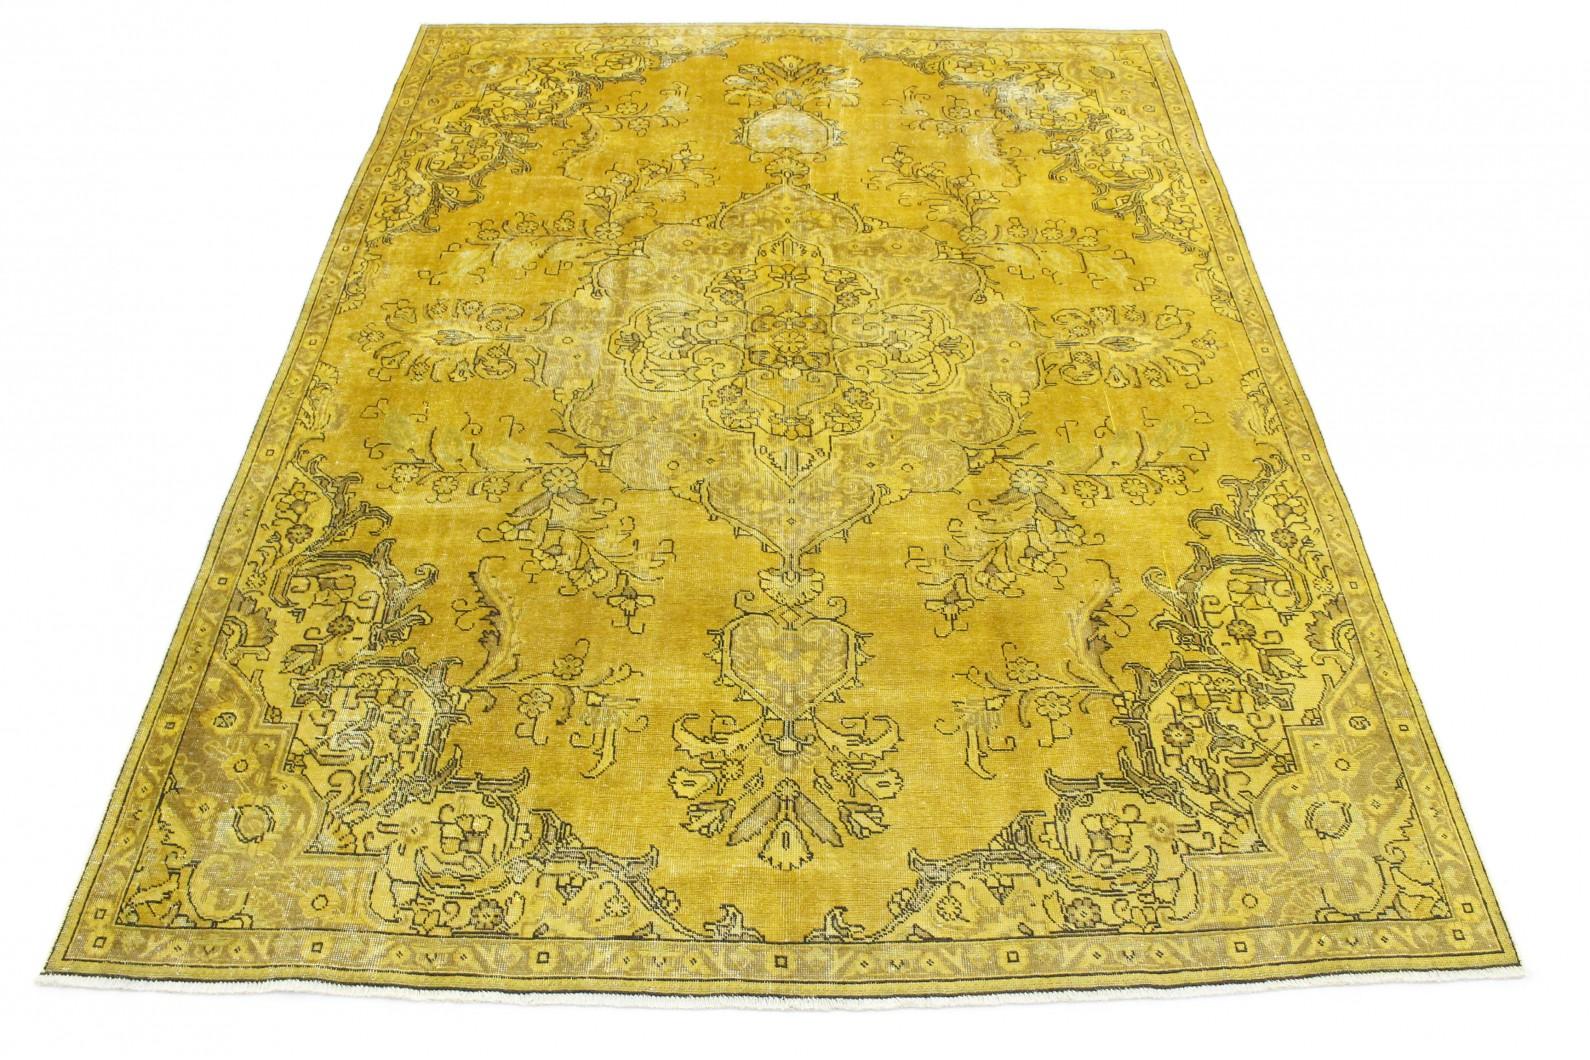 Vintage Teppich Senf in 330x230 (1 / 3)